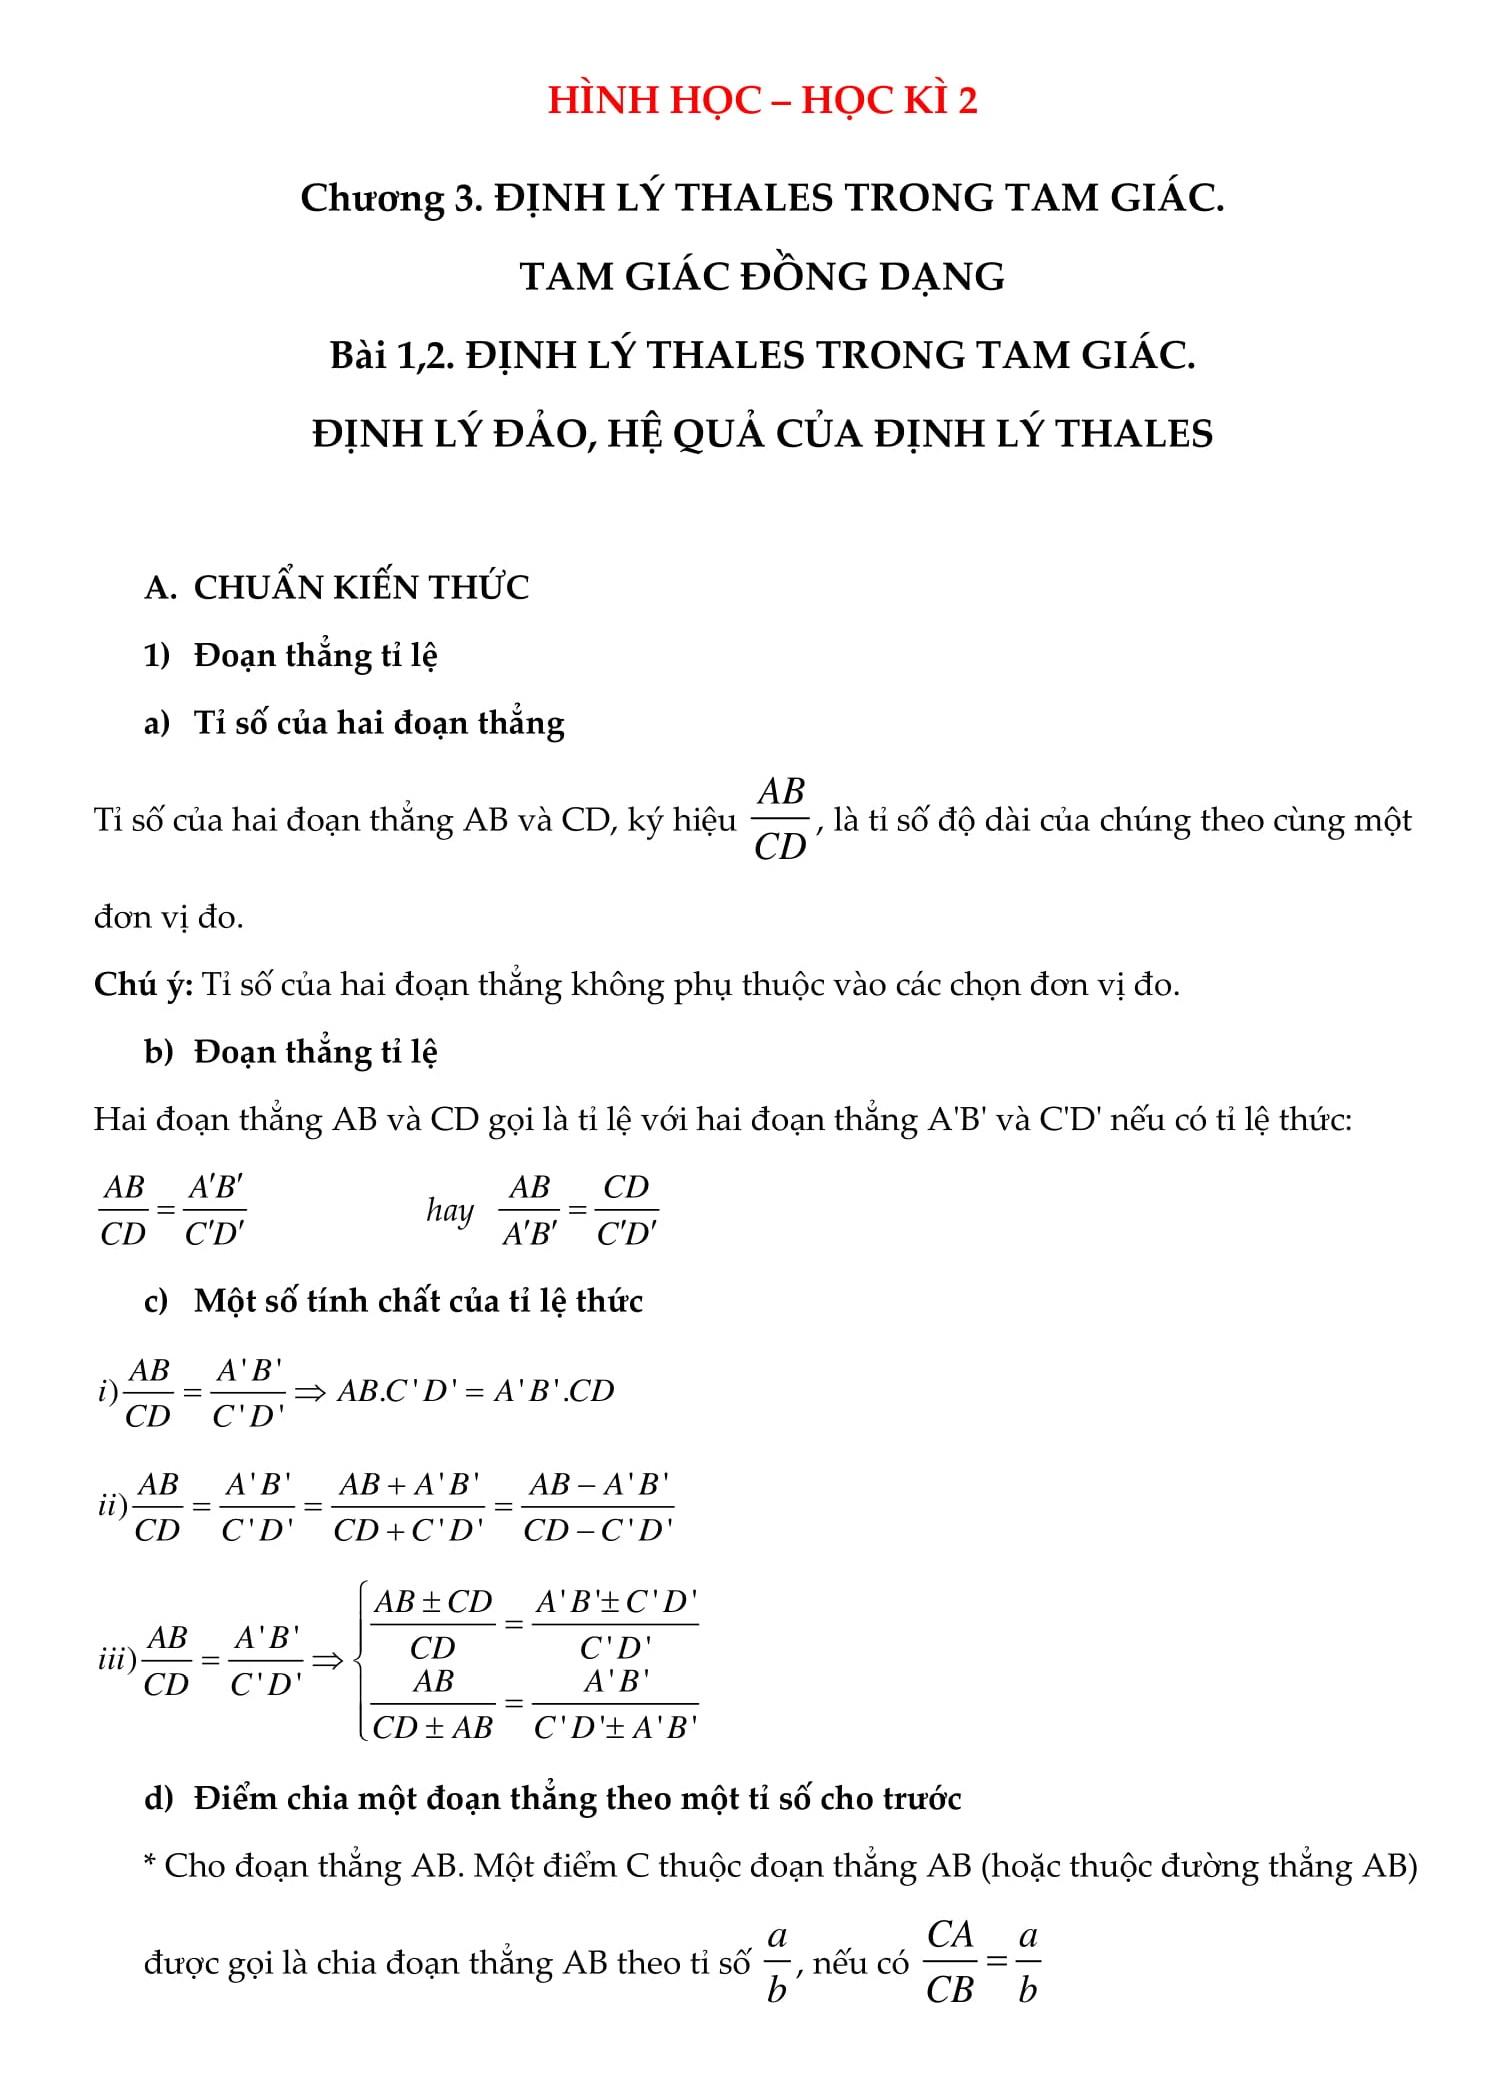 Đề cương hình học Hk2 toán 8 được tổng hợp